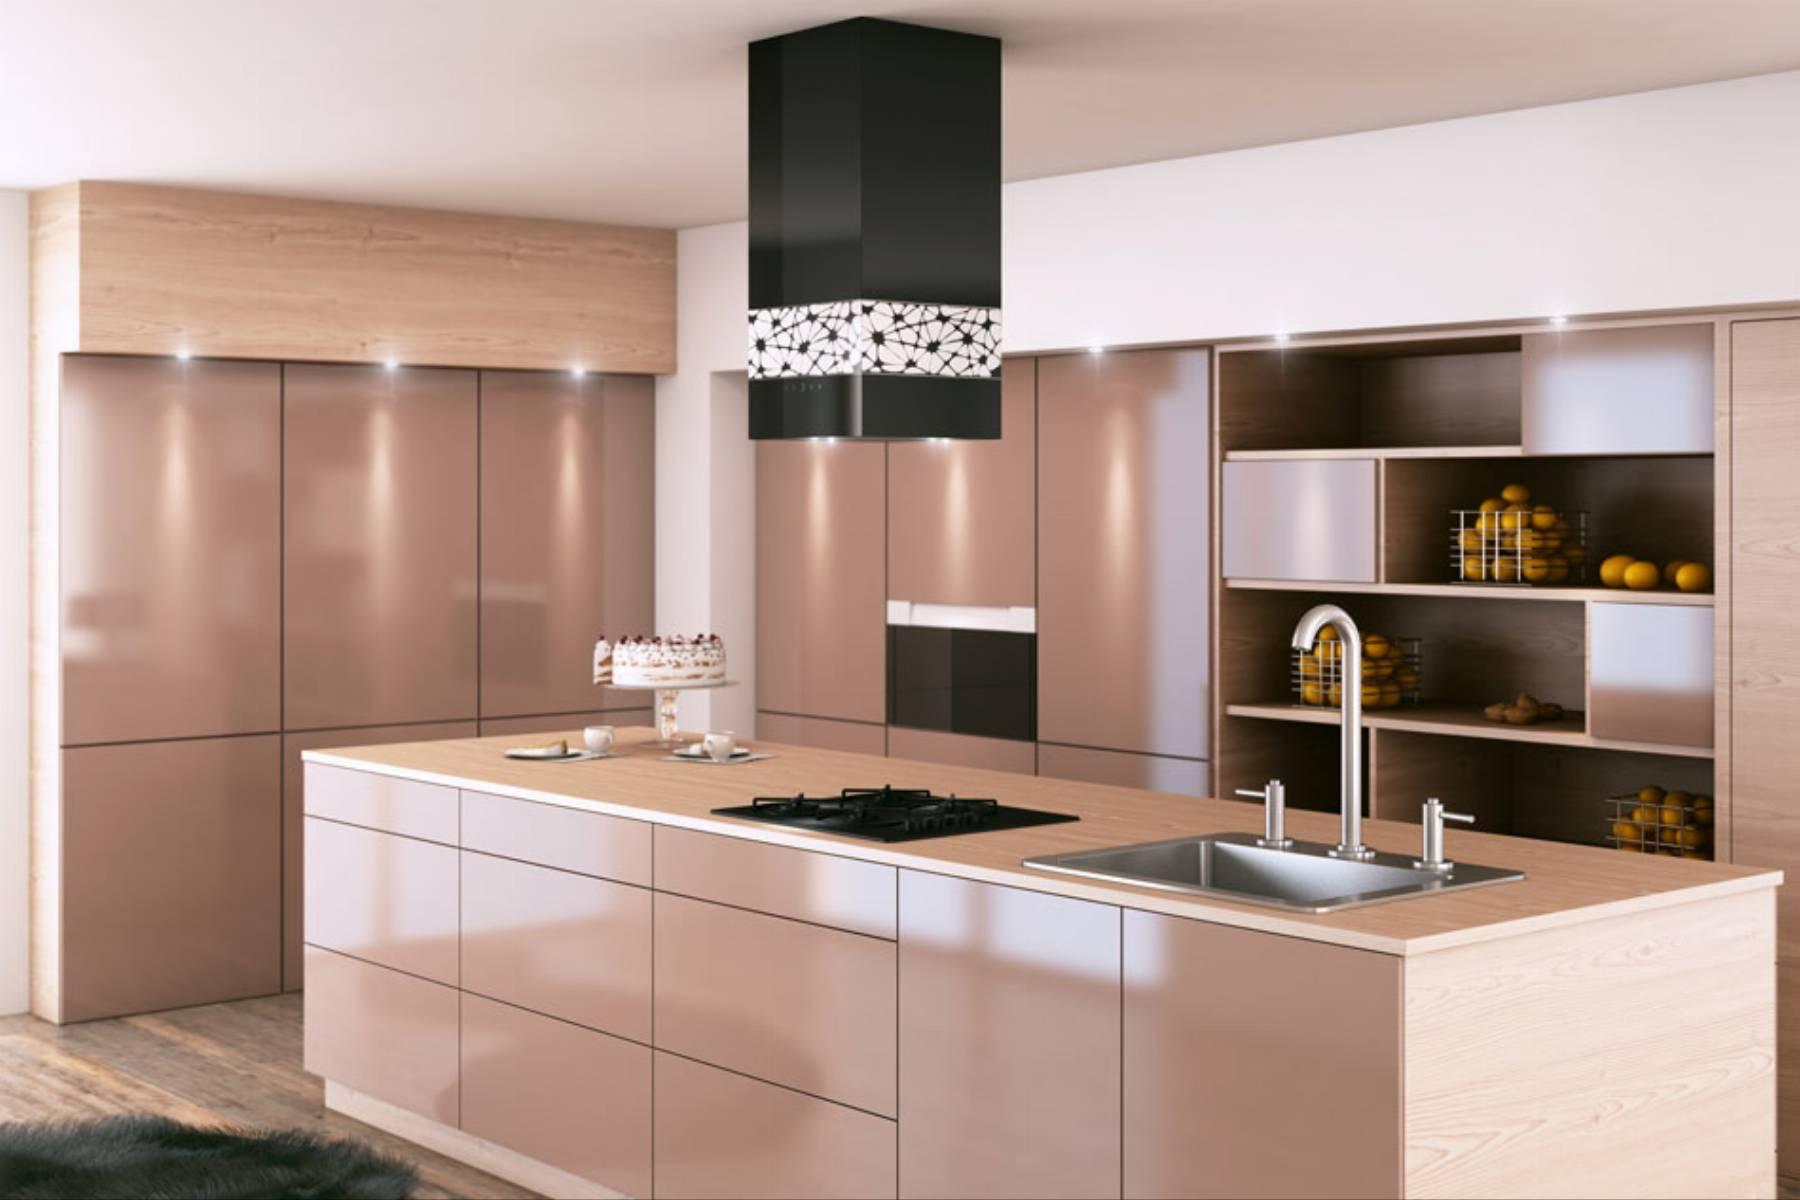 Pomysł na urządzenie kuchni wyspa  KobietaMag pl -> Kuchnia Z Wyspą Ikea